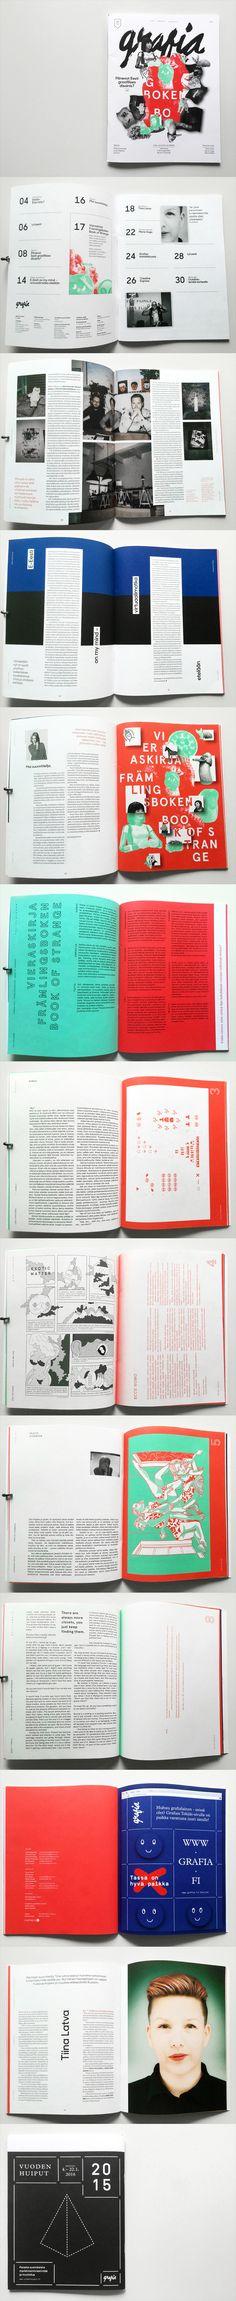 Grafia Lechti (Grafia Paper) 04/15